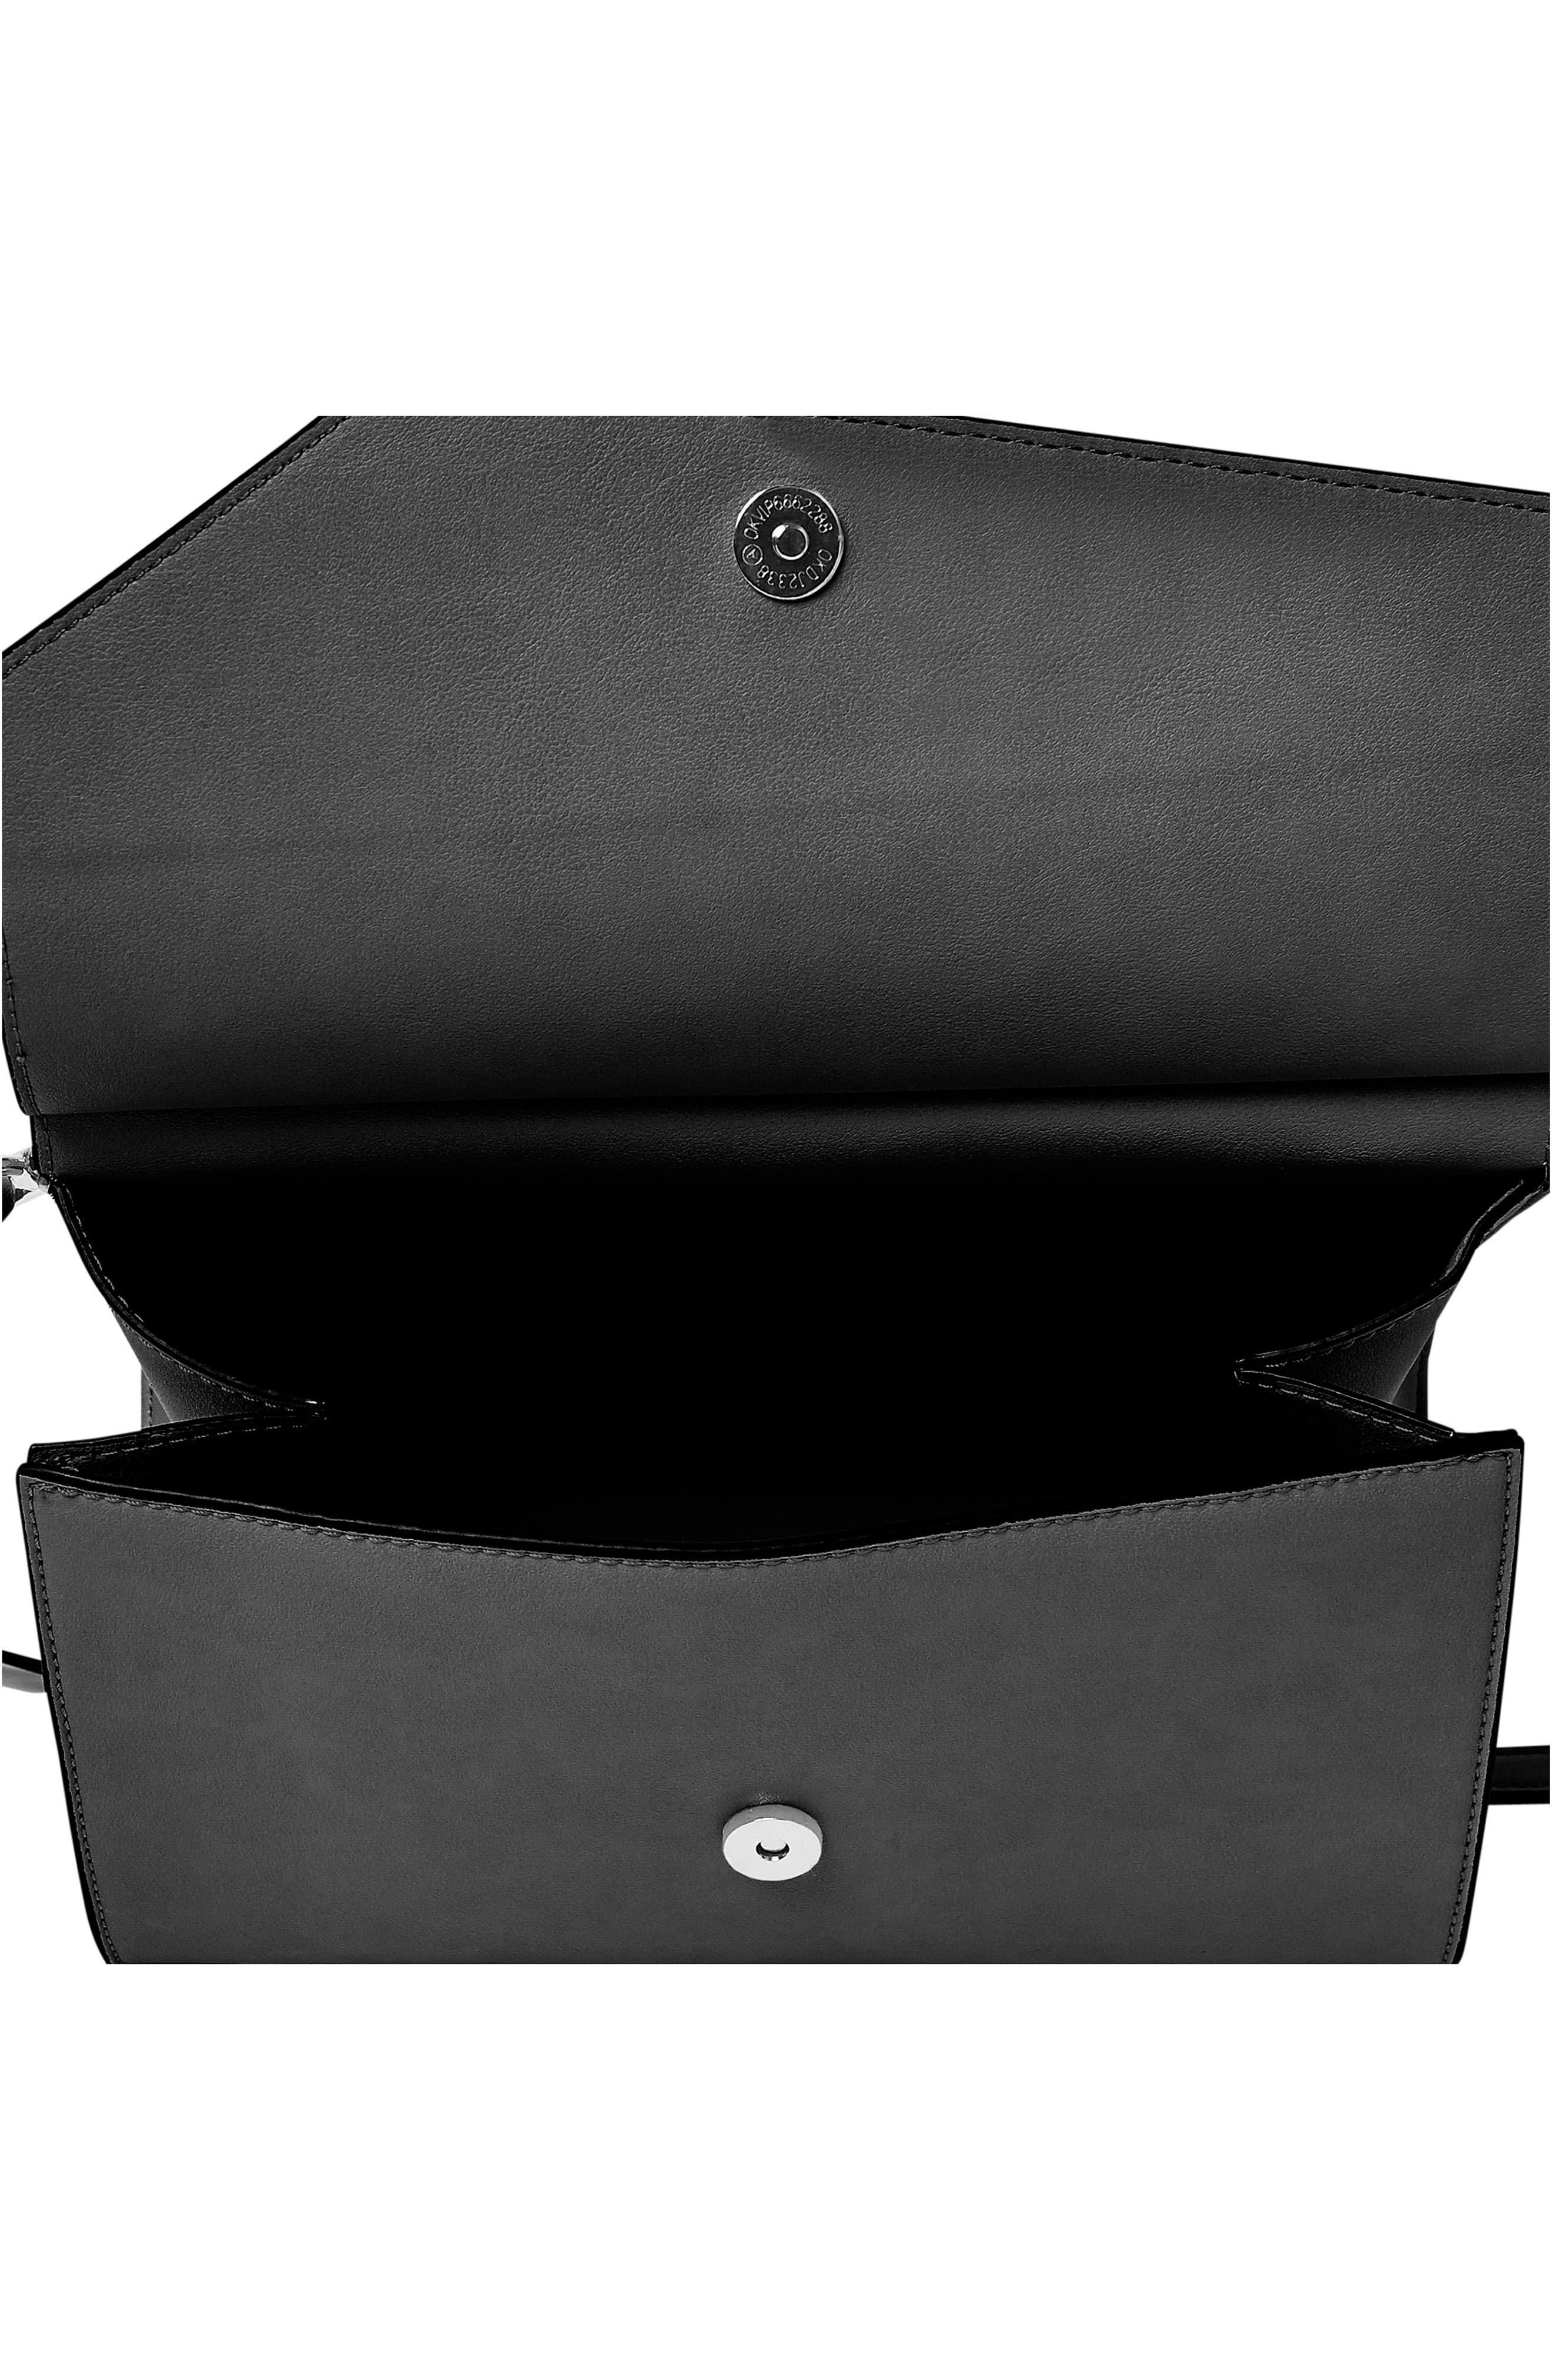 Shimmer Vegan Leather Shoulder Bag,                             Alternate thumbnail 3, color,                             Black